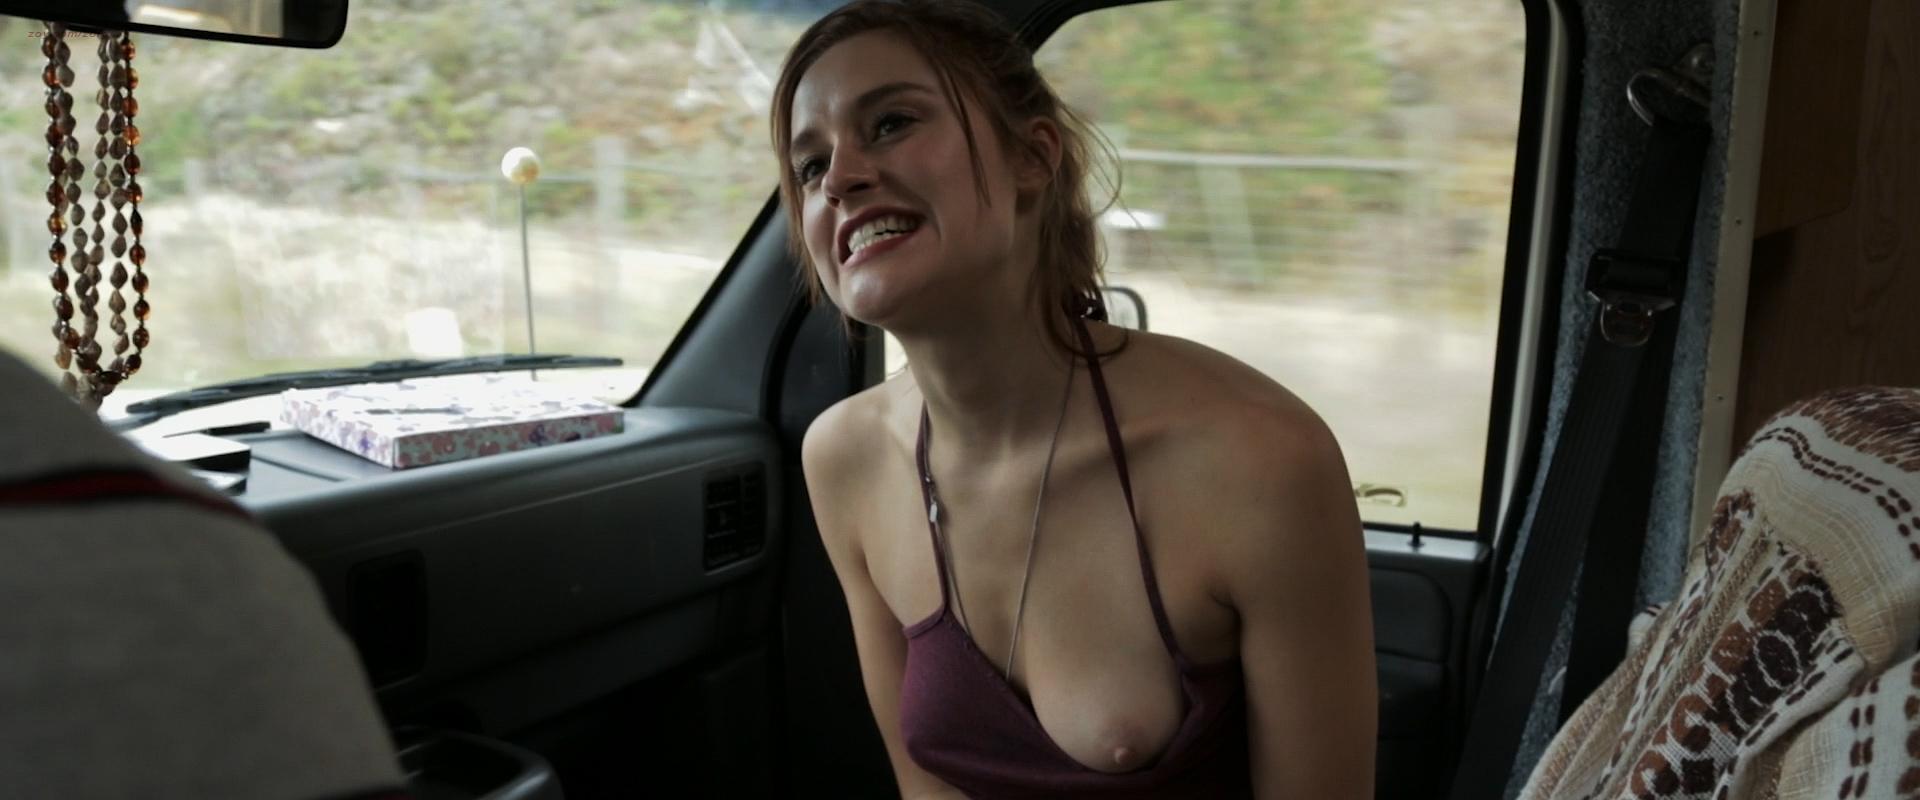 hannah john kam sexy boob